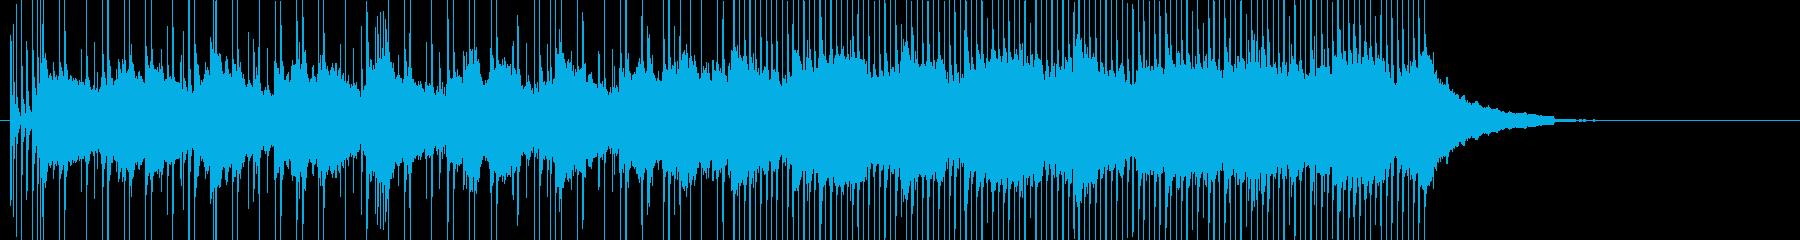 柔らかいバンドサウンドの田園広がるBGMの再生済みの波形